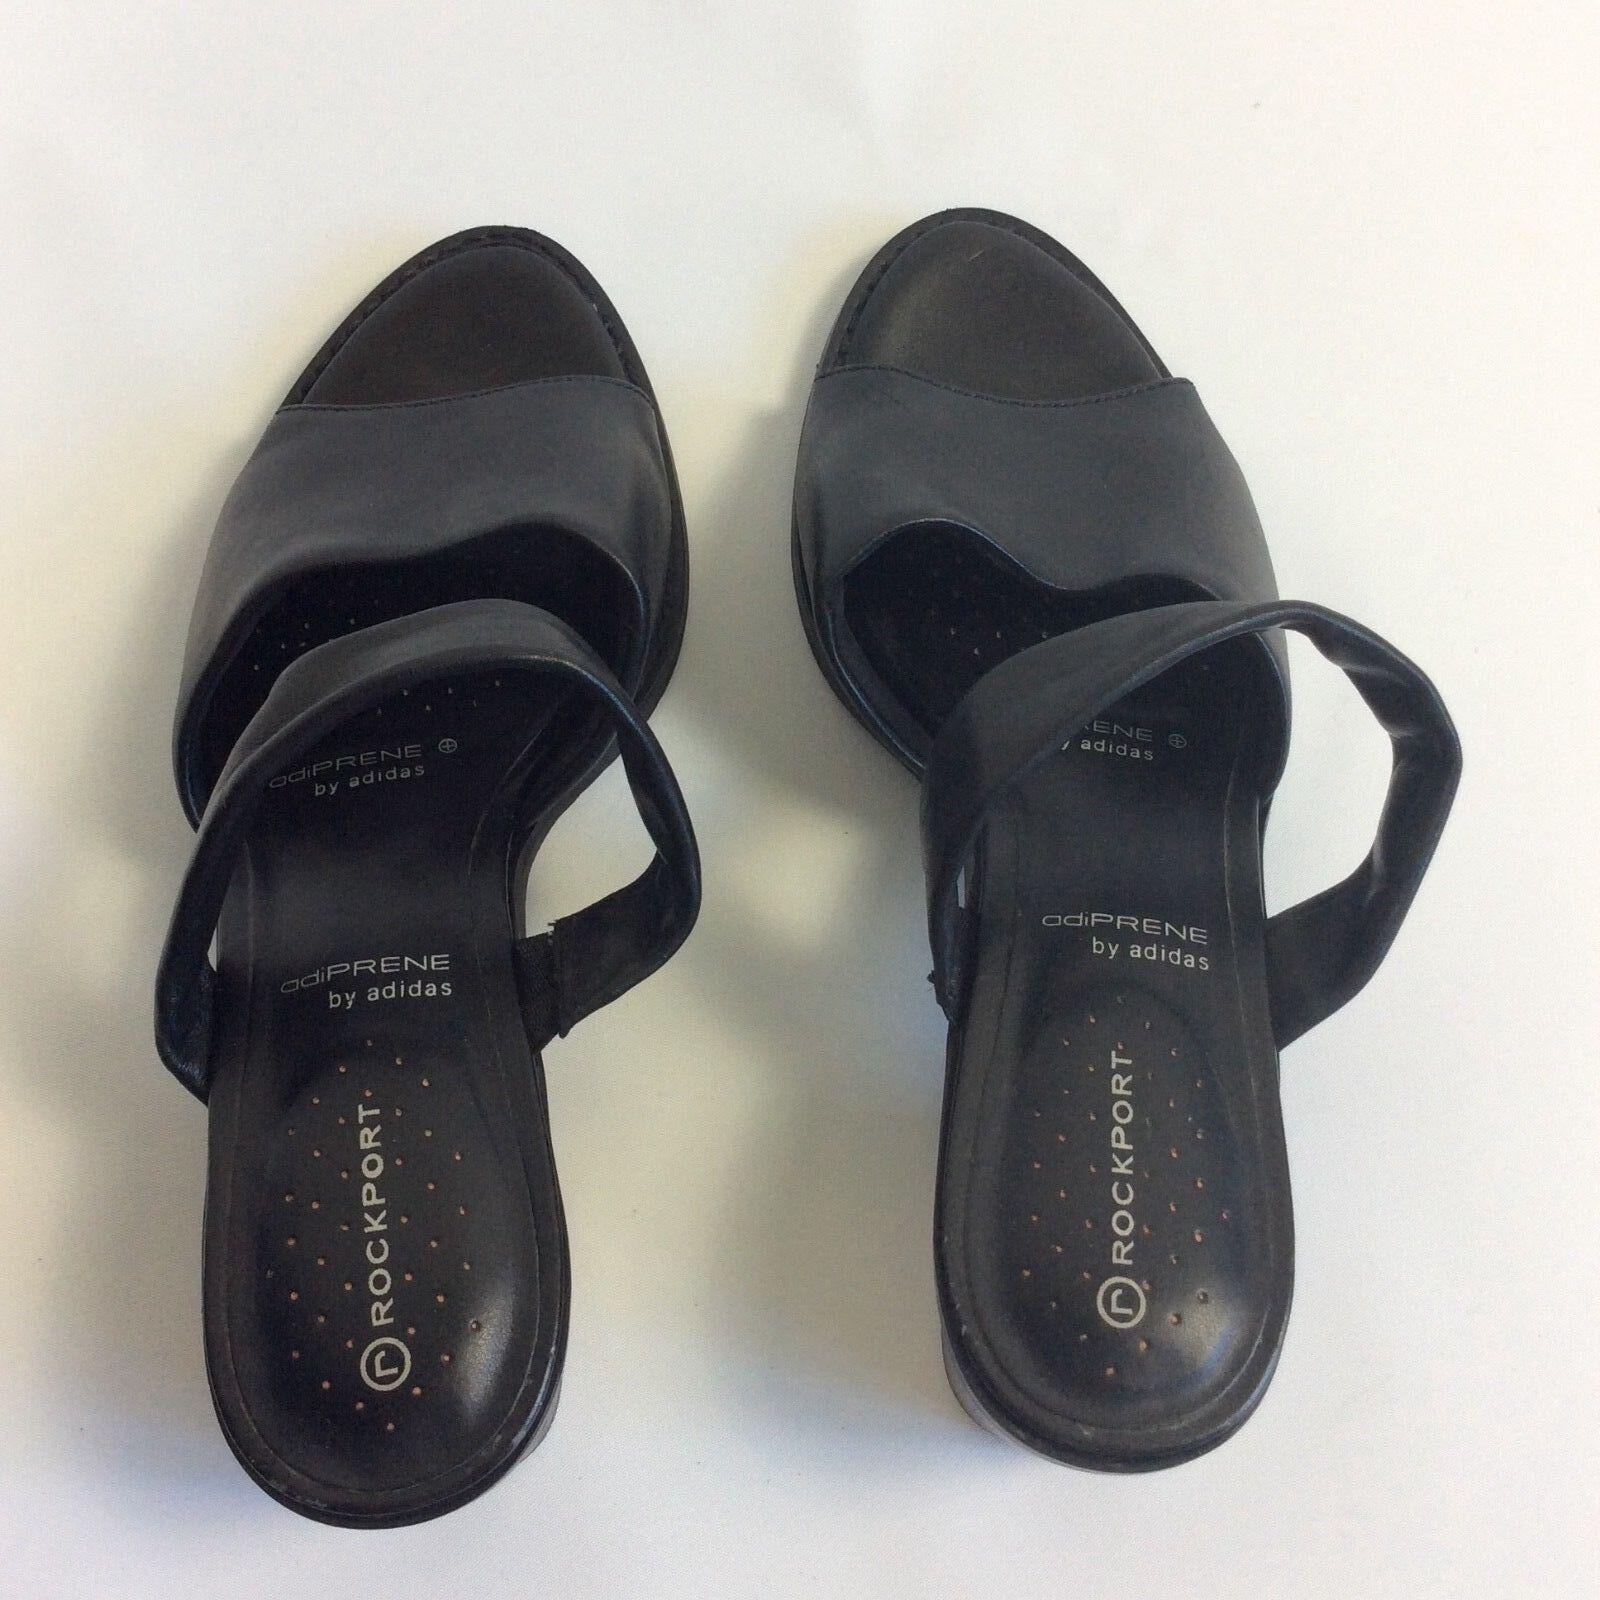 Rockport Adiprene by Adidas Sandales Femme K56015 Noir Taille US8 UK5.5 EUR38.5